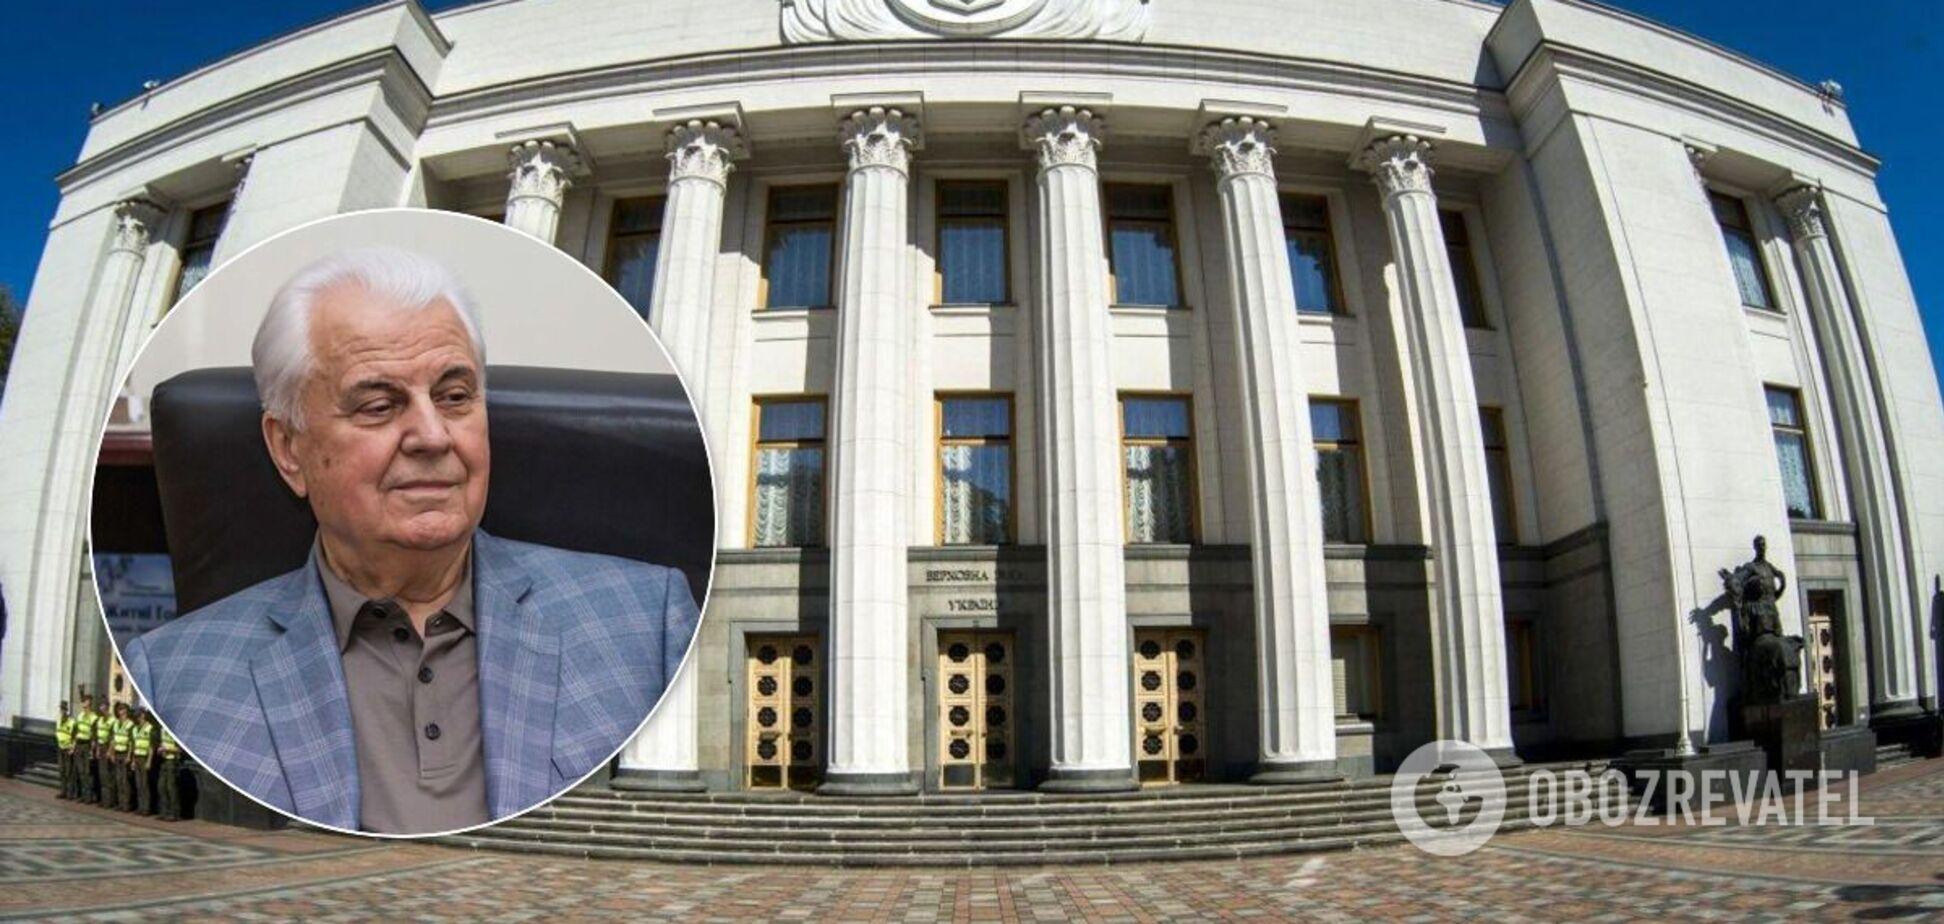 Говорили про переговори з маріонетками РФ і 'синхронізації', – нардеп про закриту зустріч з Кравчуком